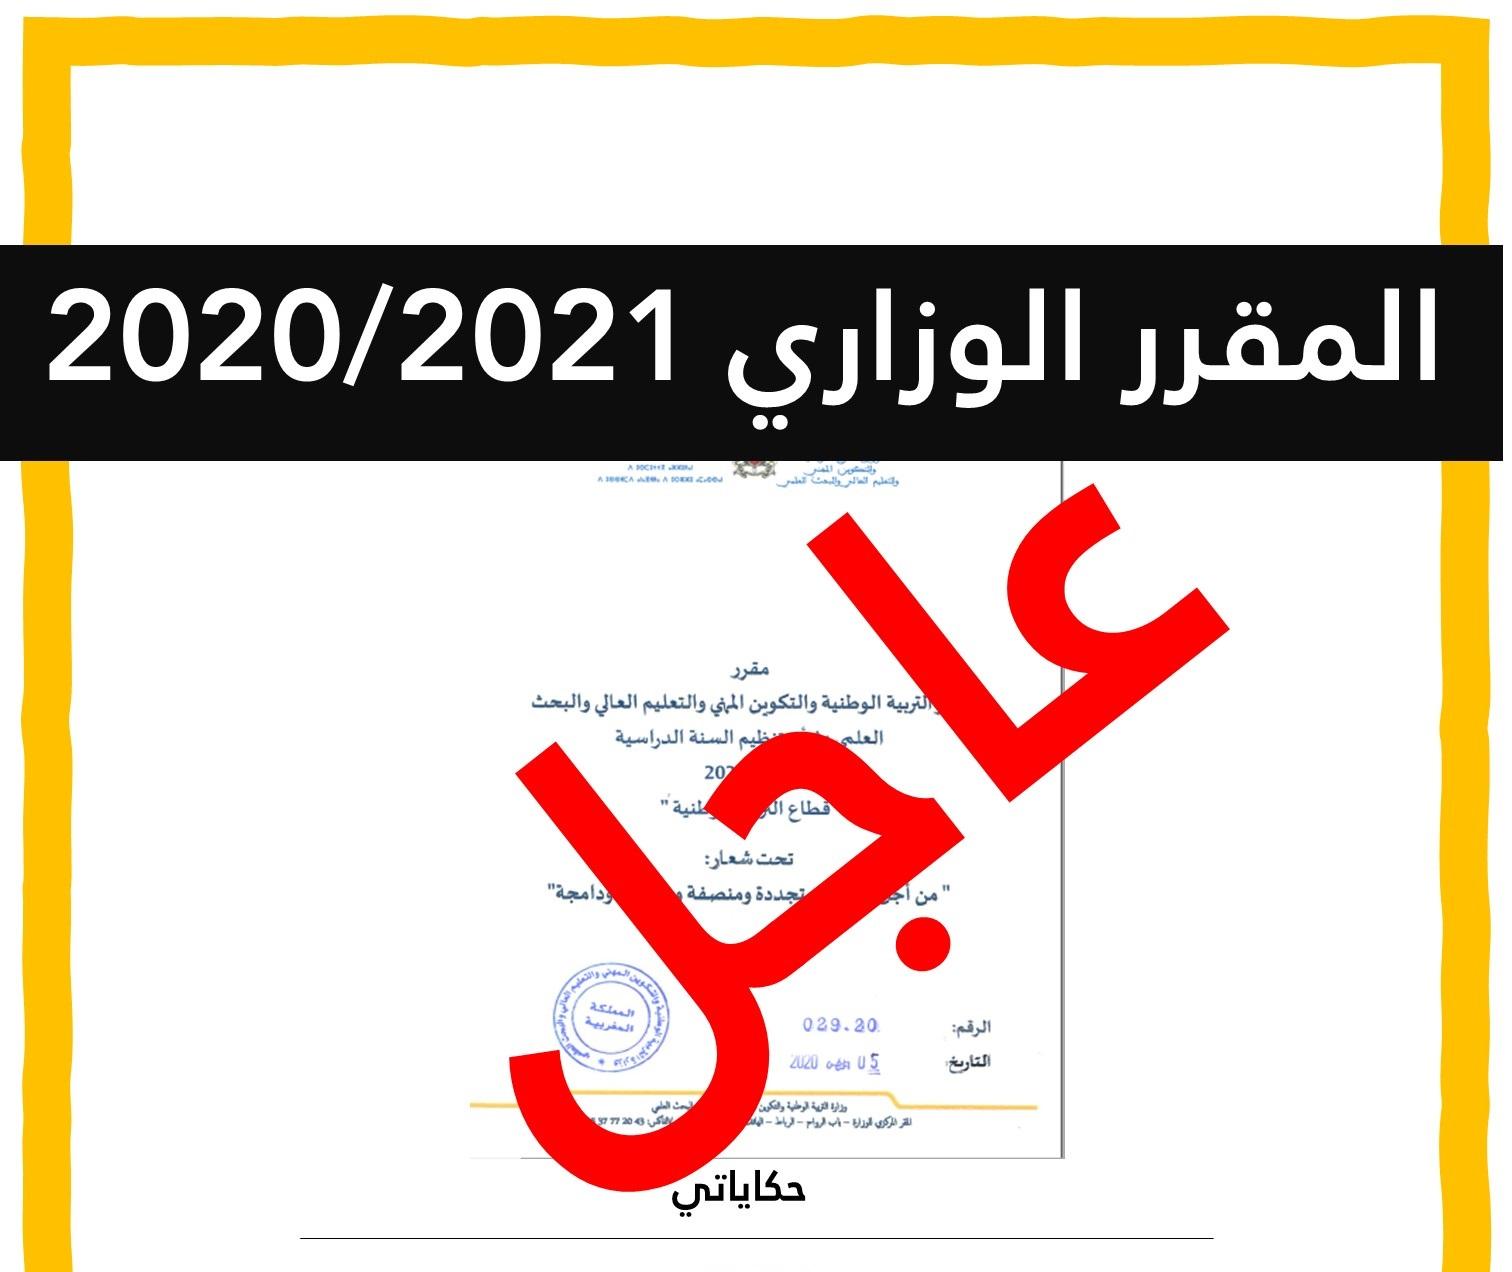 عاجل المقرر الوزاري المنظم للسنة الدراسية 2020/2021